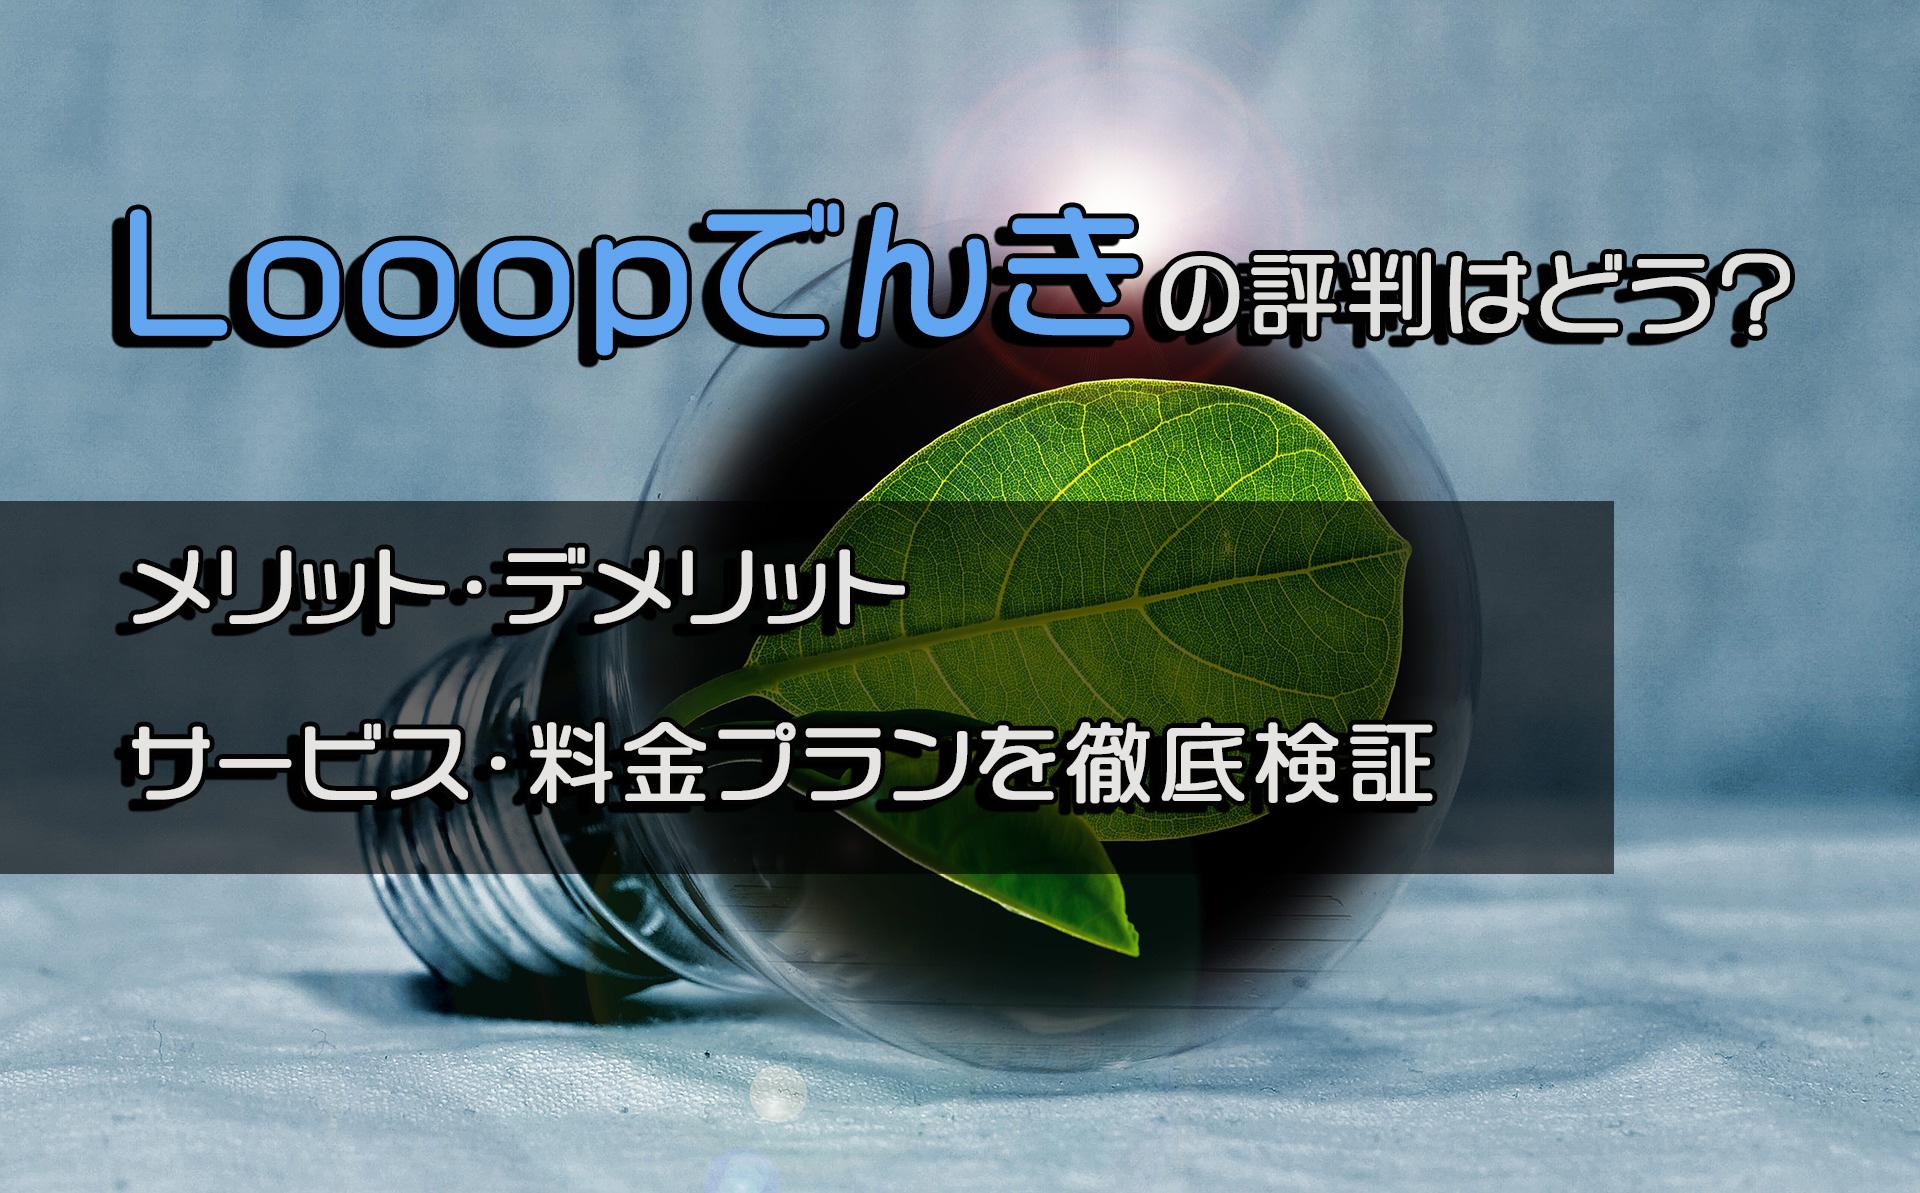 デメリット ループでんき Looopでんき(ループでんき)の評判は?メリットデメリットを徹底検証!|デジタルトランスフォーメーションを支援するはじめてのDX